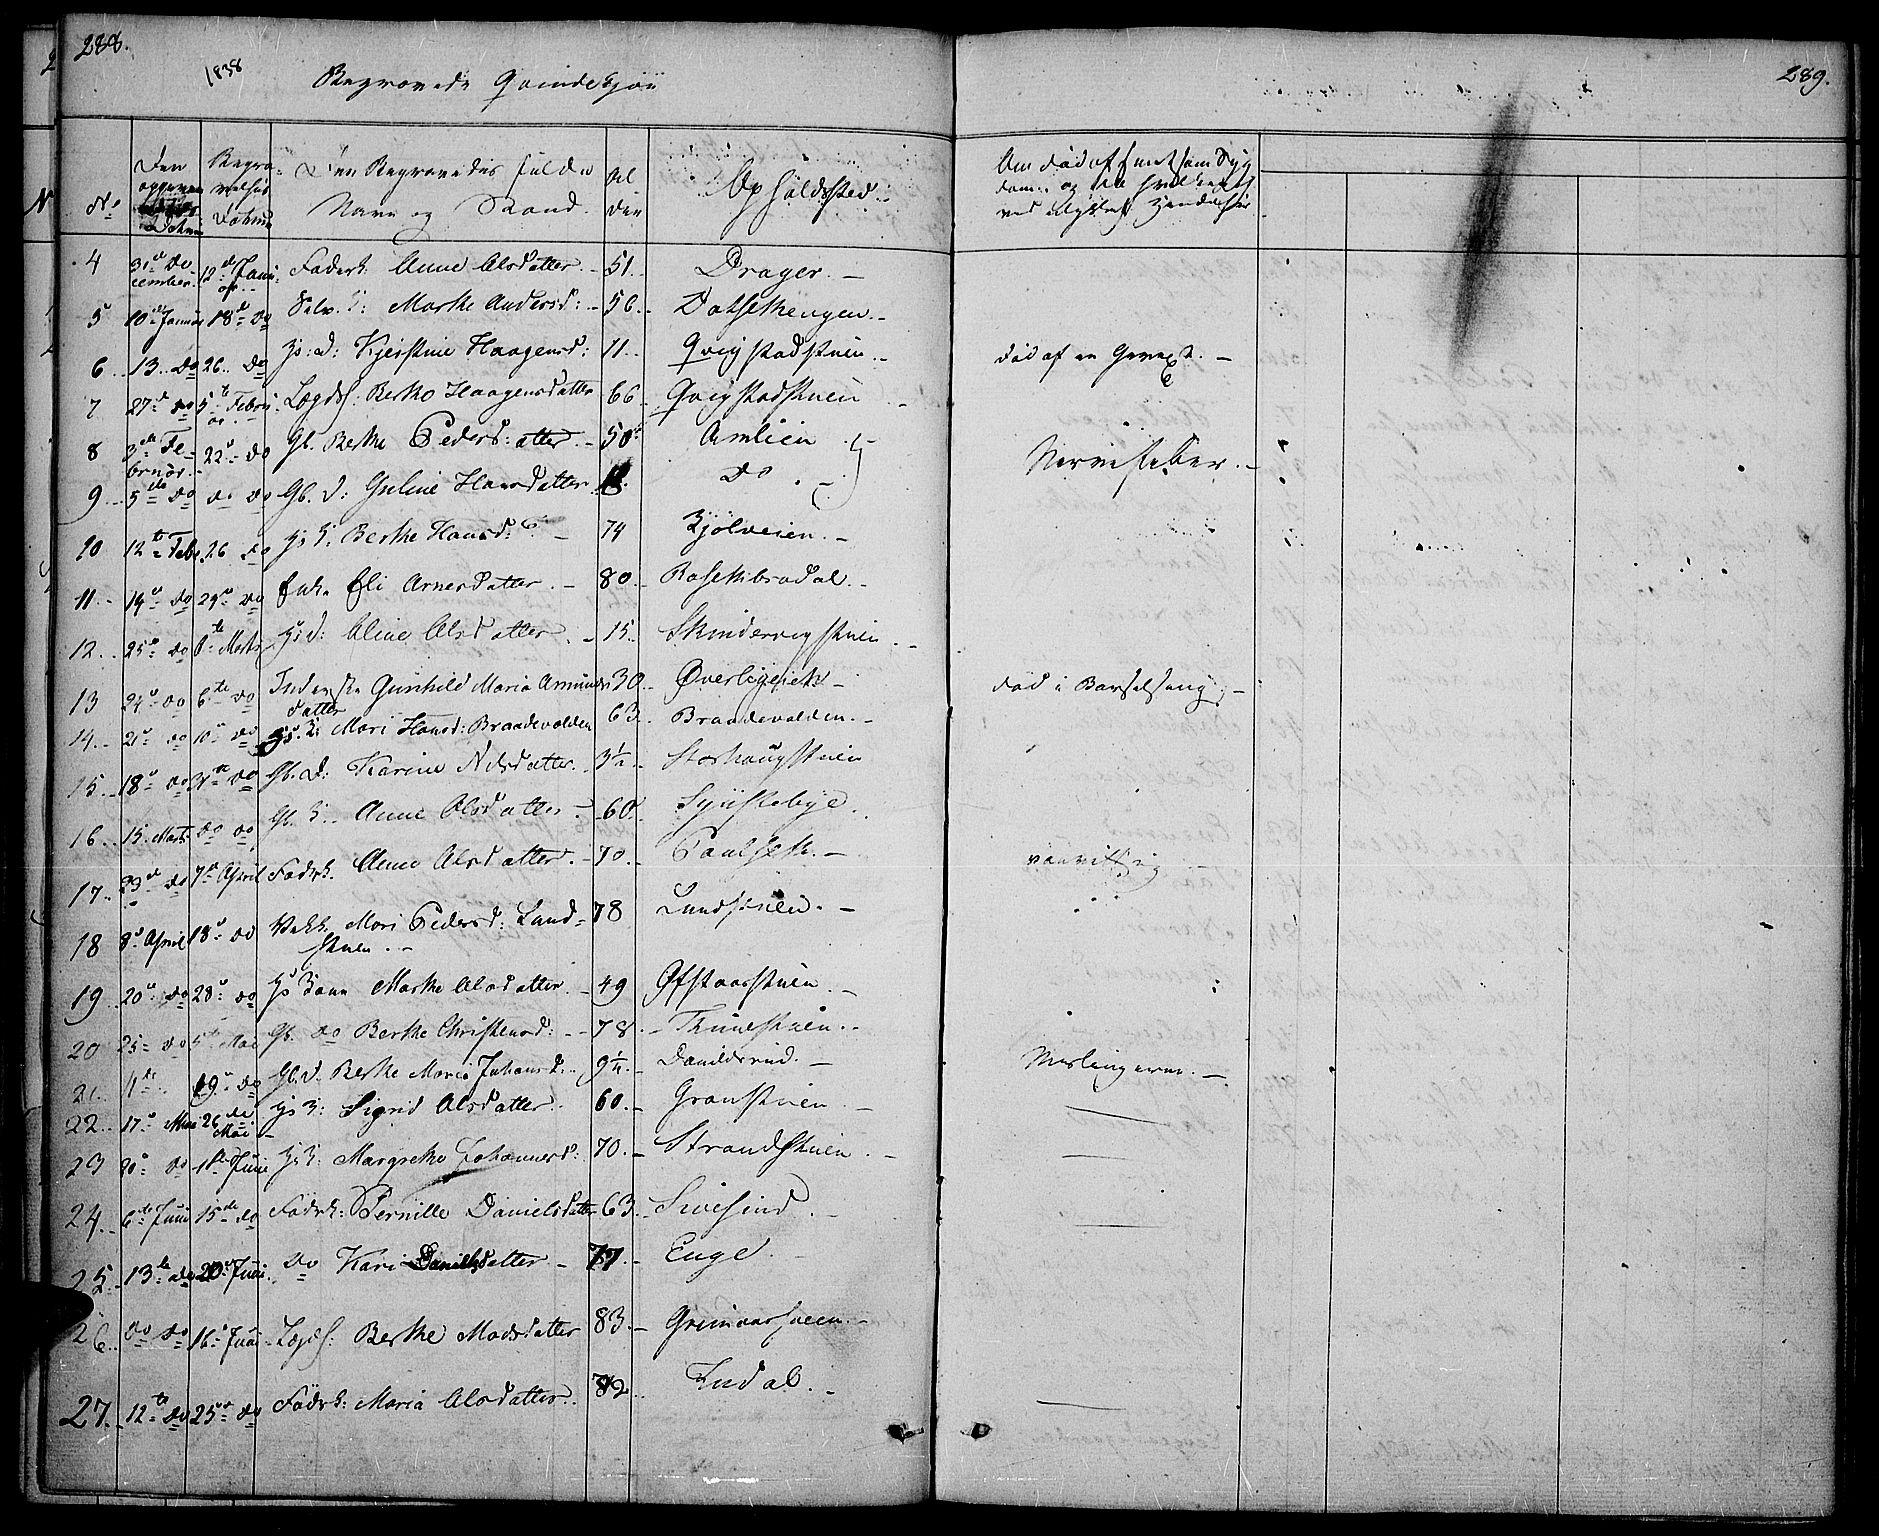 SAH, Vestre Toten prestekontor, Ministerialbok nr. 3, 1836-1843, s. 288-289